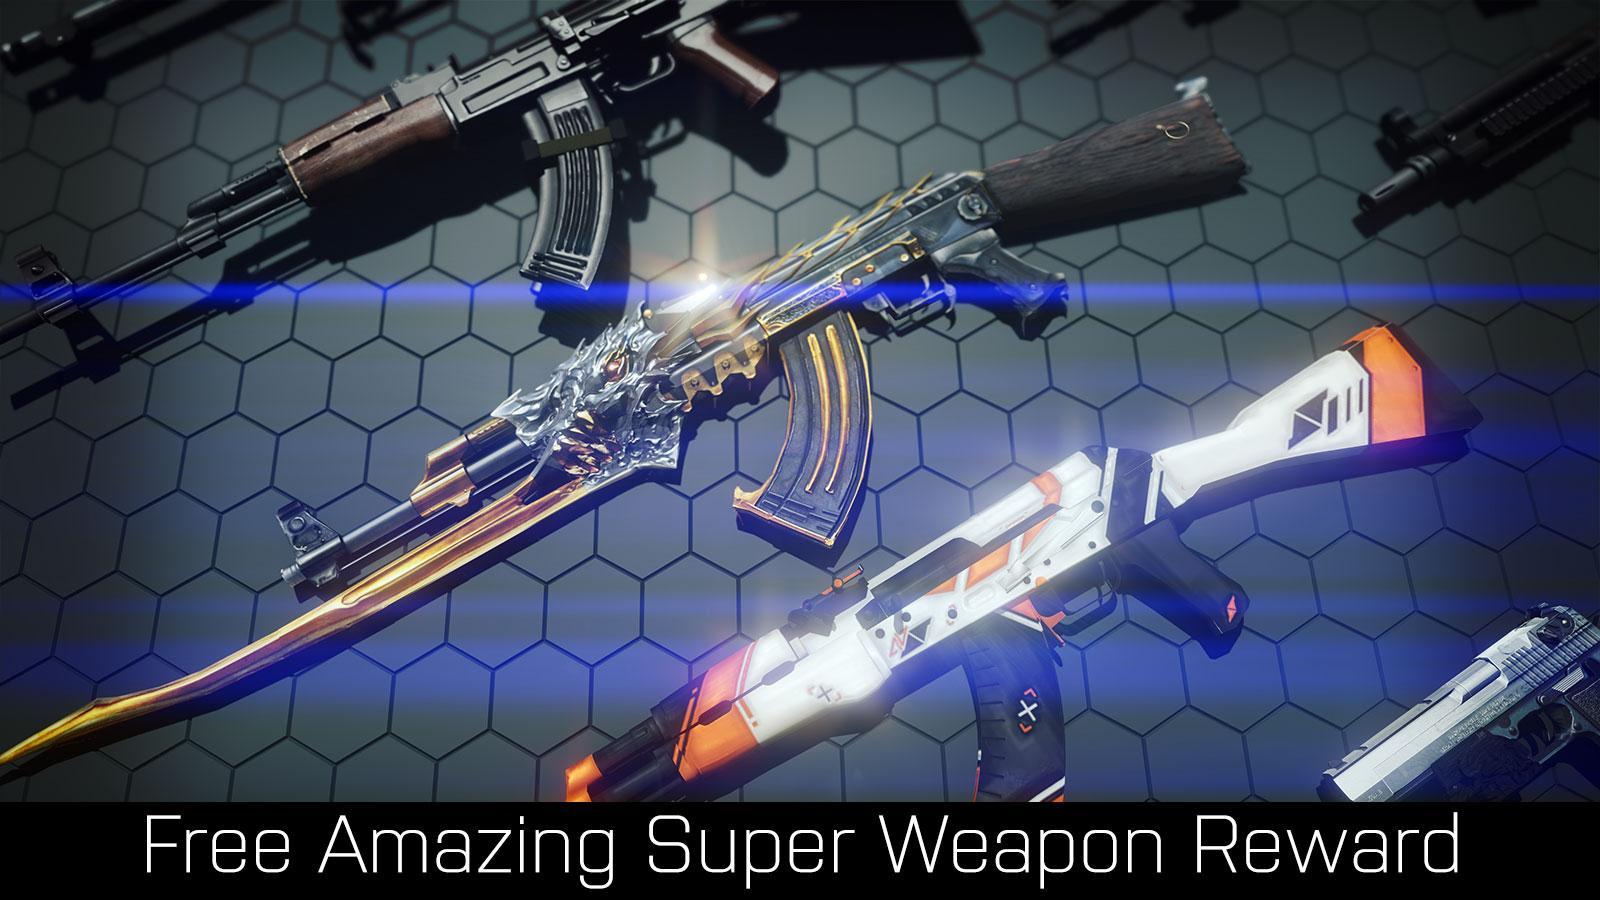 دانلود رایگان بازی اوور کایل استریک Overkill Strike:Counter Terrorist FPS Shoot Game